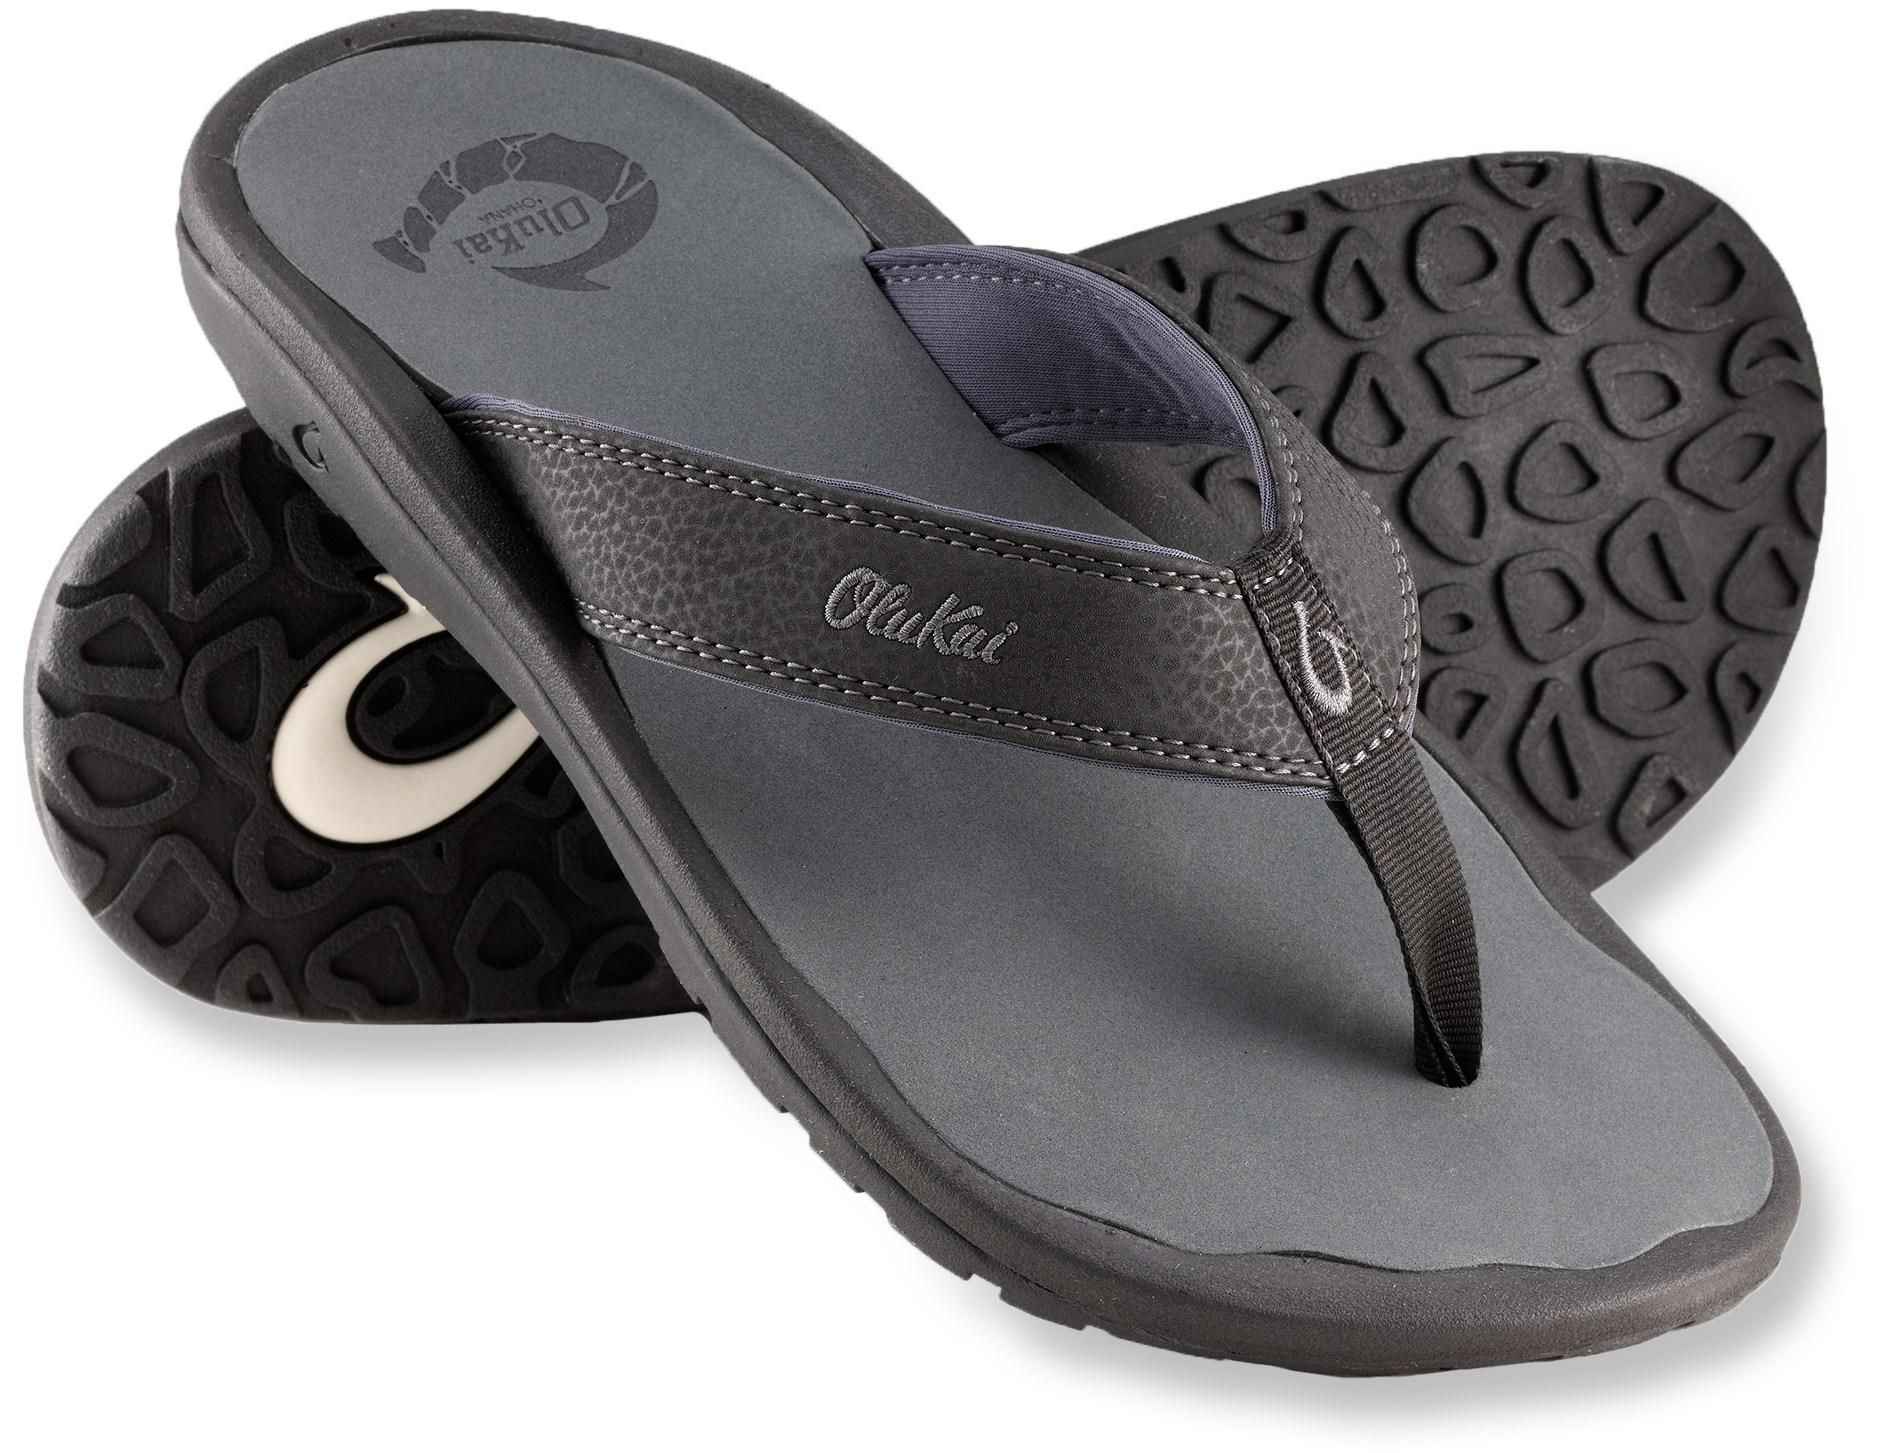 7e9a24c231cd31 OluKai  Ohana Flip-Flops - Men s